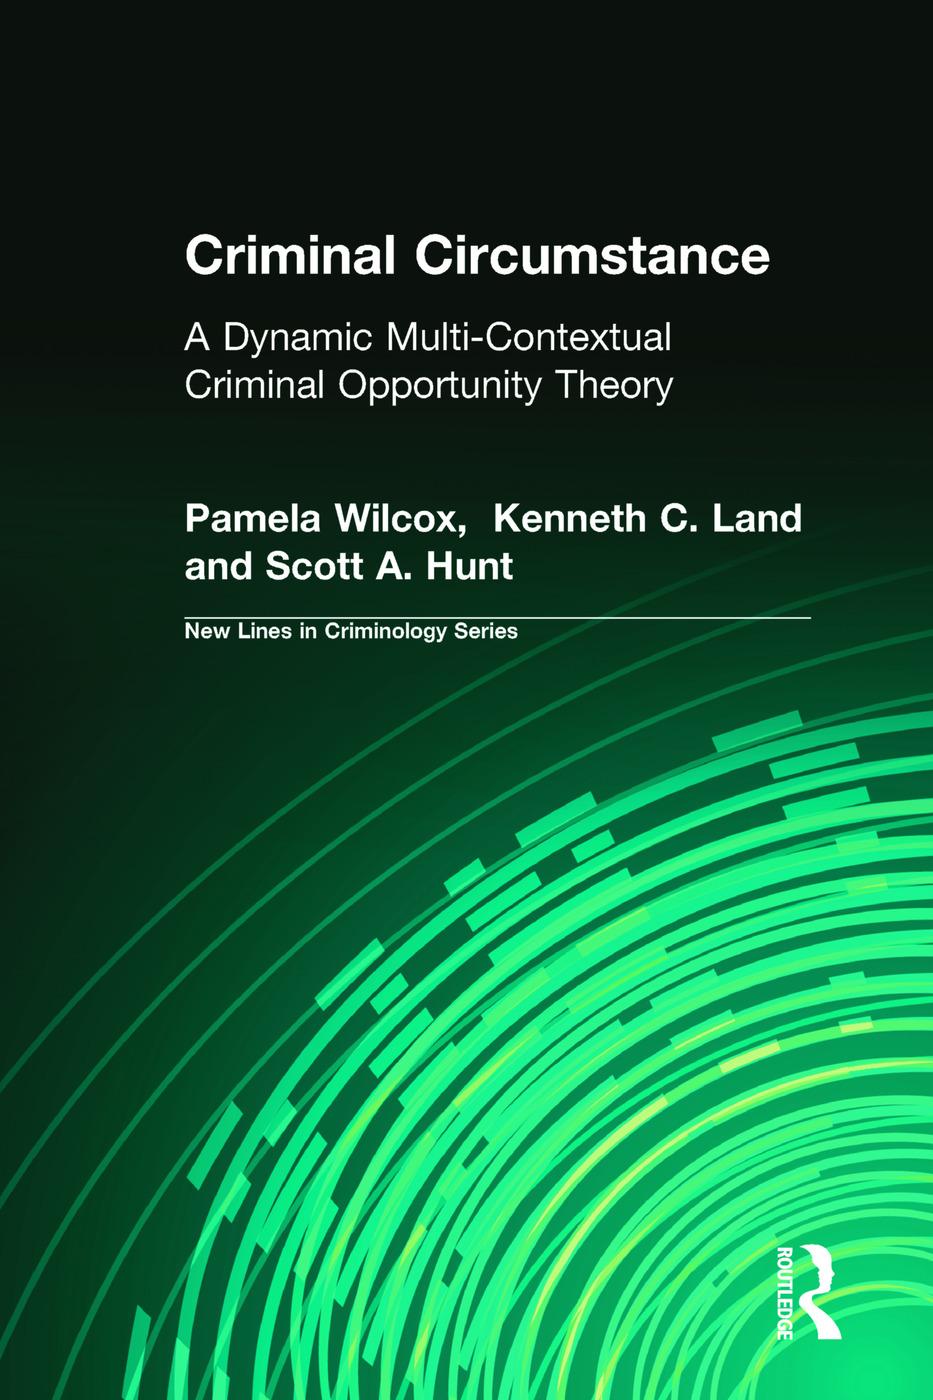 Criminal Circumstance